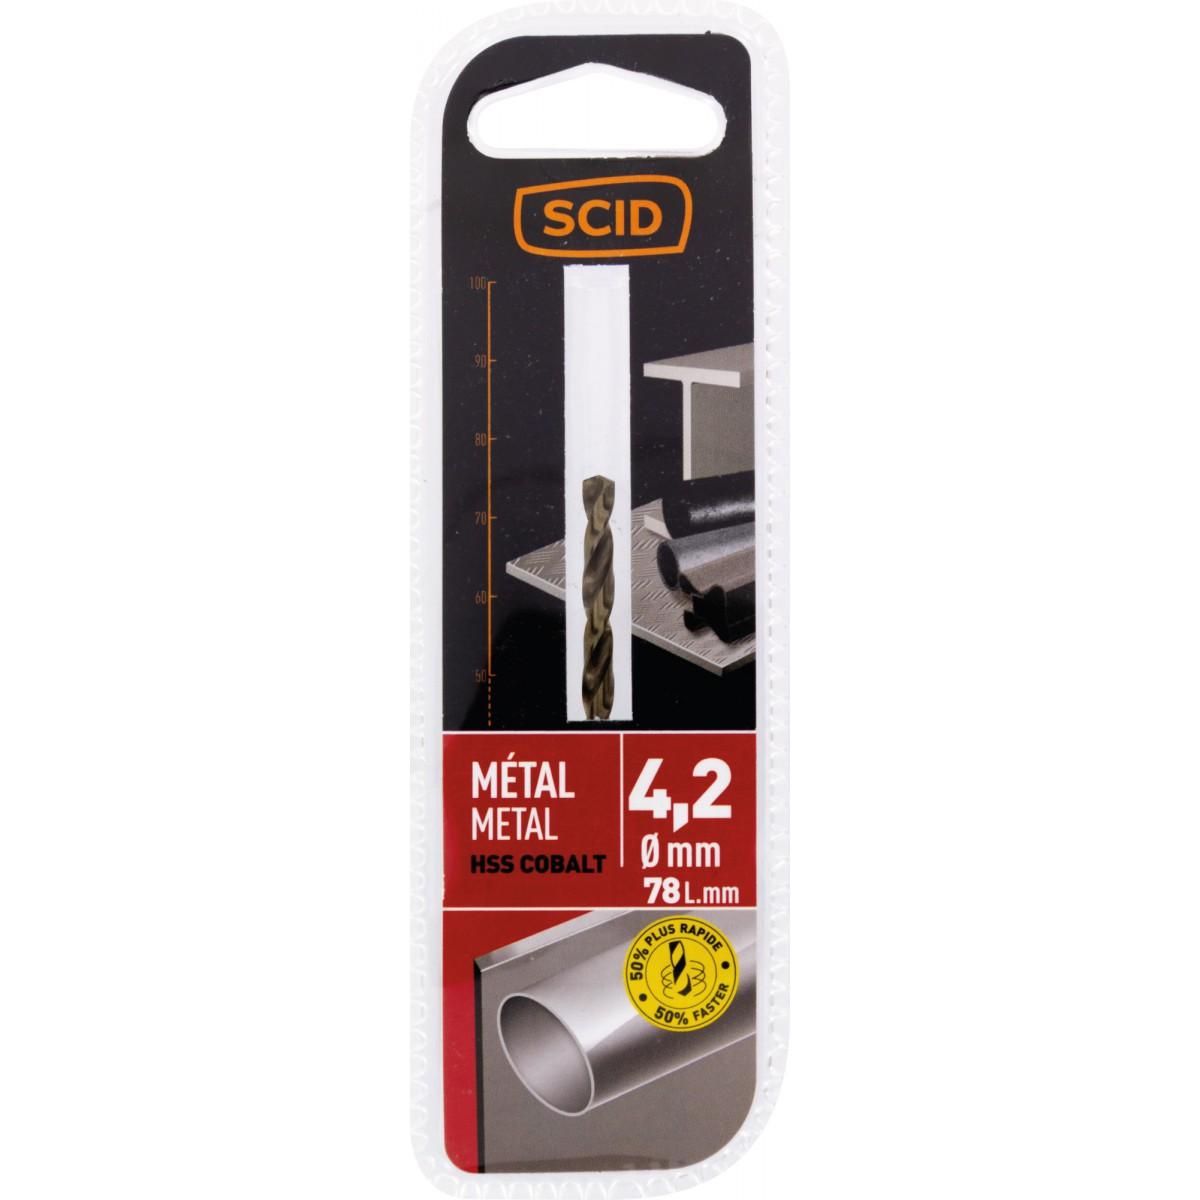 Foret métal HSS cobalt SCID - Longueur 78 mm - Diamètre 4,2 mm